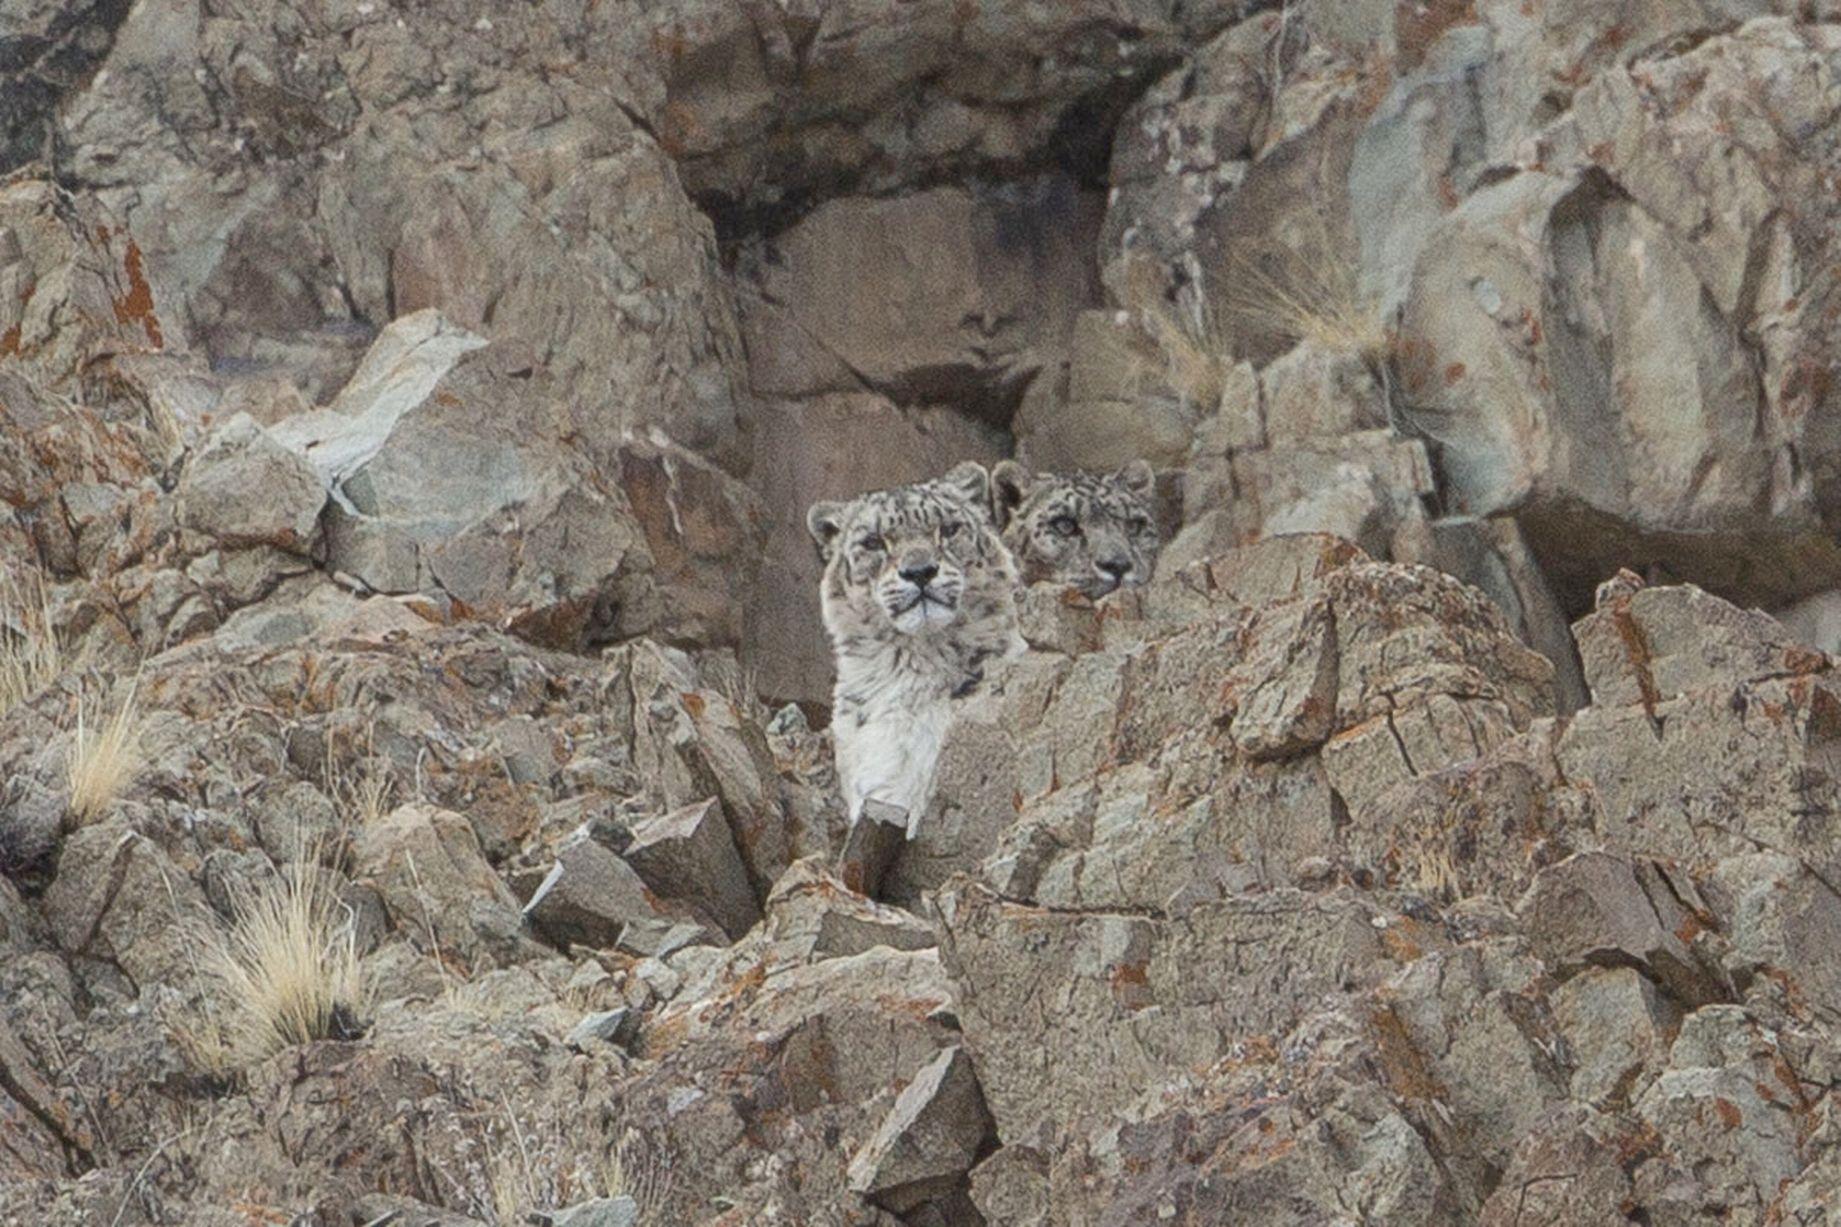 Днем, картинка с леопардом который спрятался